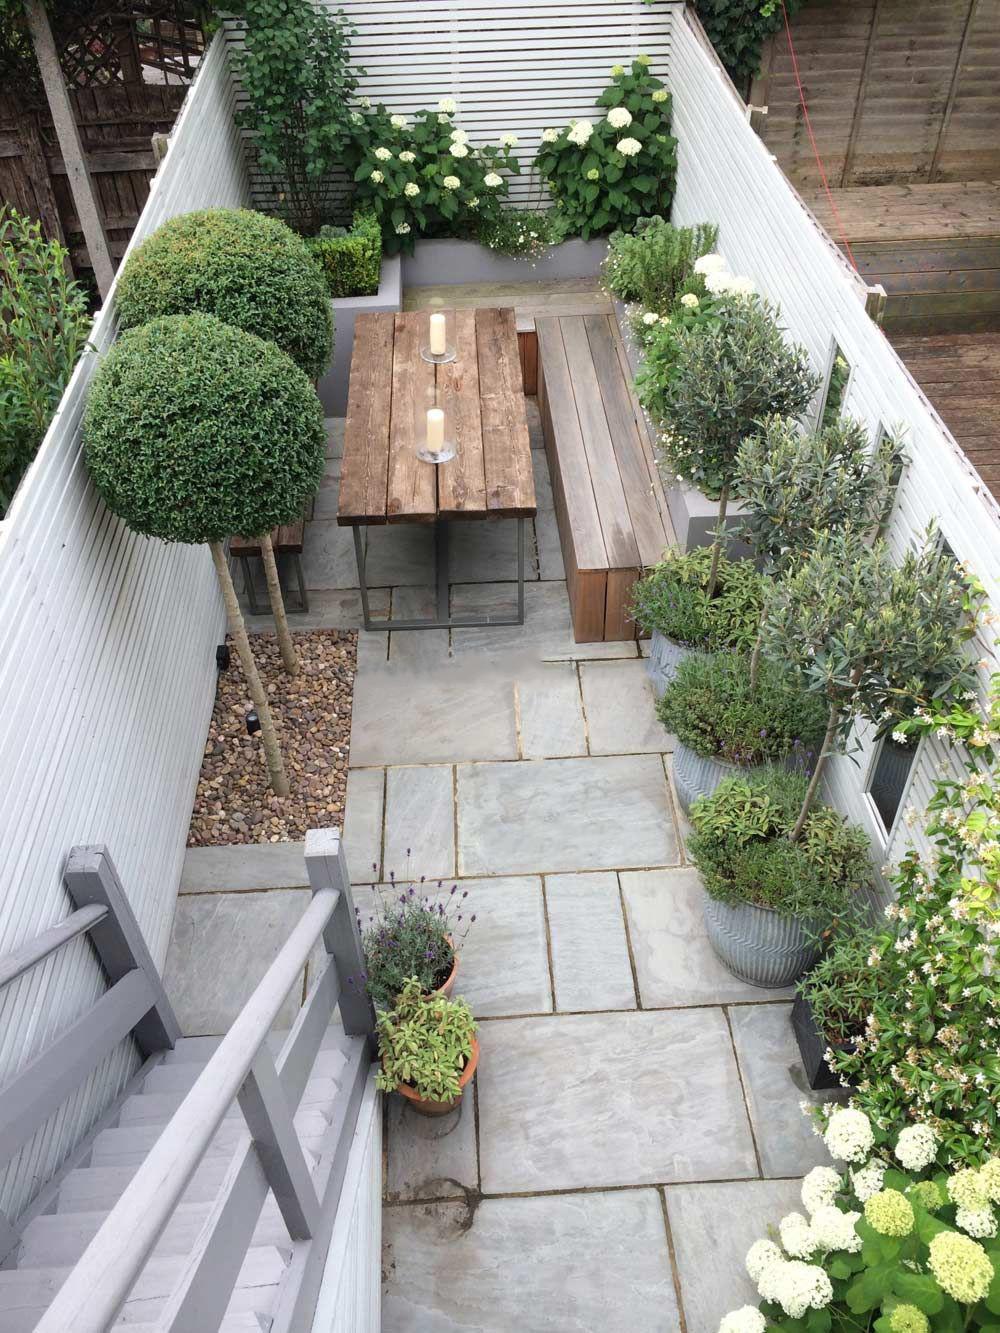 Trucos para decorar un jardín pequeño: Pequeña mesa con sillas